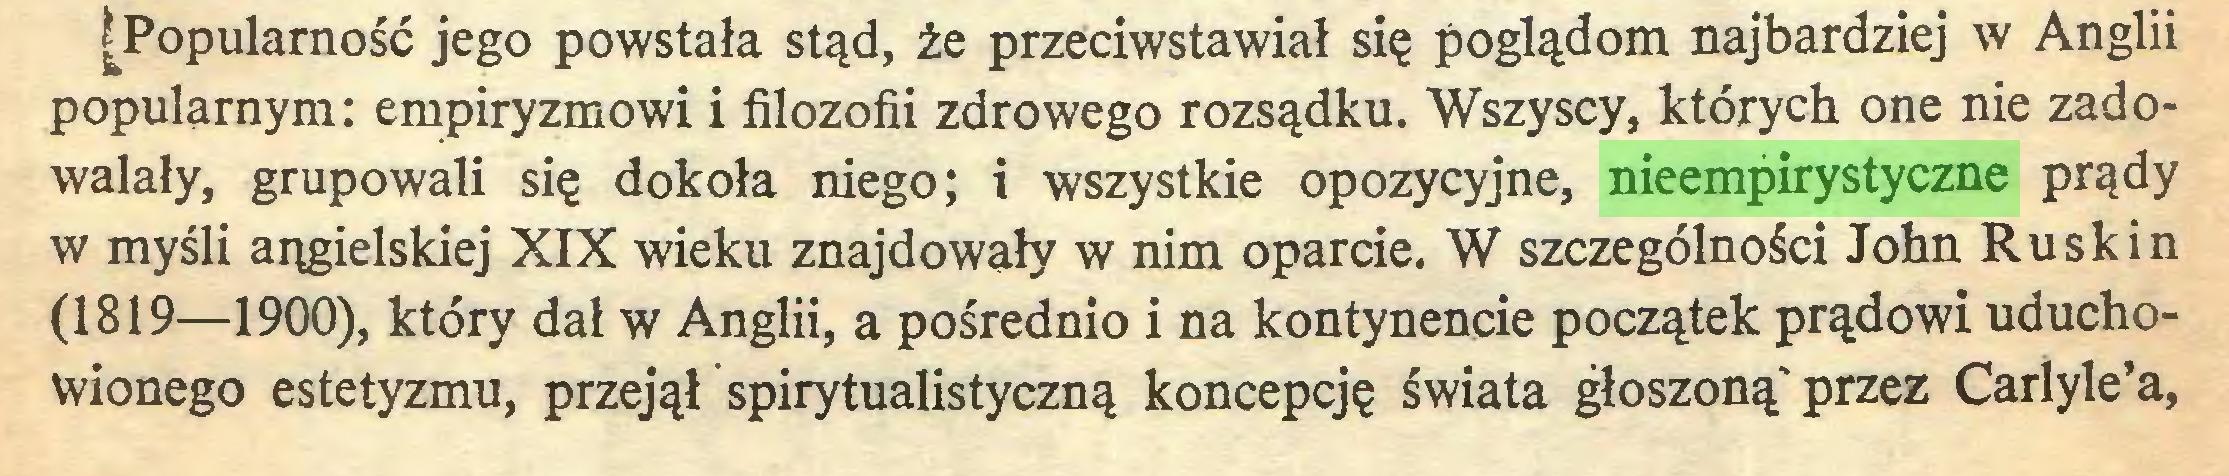 (...) [Popularność jego powstała stąd, że przeciwstawiał się poglądom najbardziej w Anglii popularnym: empiryzmowi i filozofii zdrowego rozsądku. Wszyscy, których one nie zadowalały, grupowali się dokoła niego; i wszystkie opozycyjne, nieempirystyczne prądy w myśli angielskiej XIX wieku znajdowały w nim oparcie. W szczególności John Rusk i n (1819—1900), który dał w Anglii, a pośrednio i na kontynencie początek prądowi uduchowionego estetyzmu, przejął spirytualistyczną koncepcję świata głoszoną'przez Carlyle'a,...